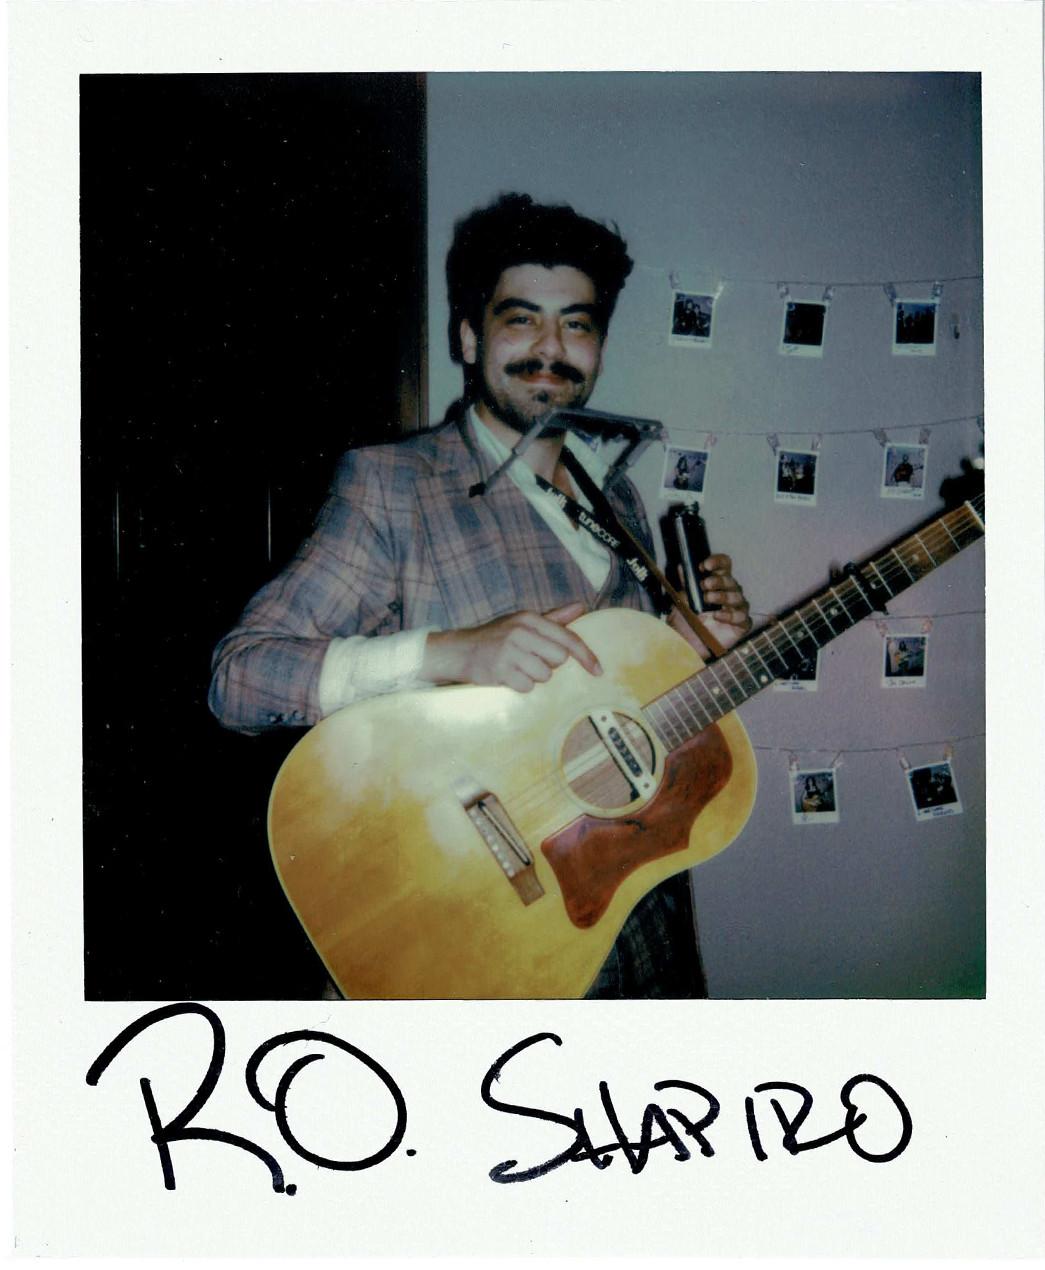 R.O. Shaprio